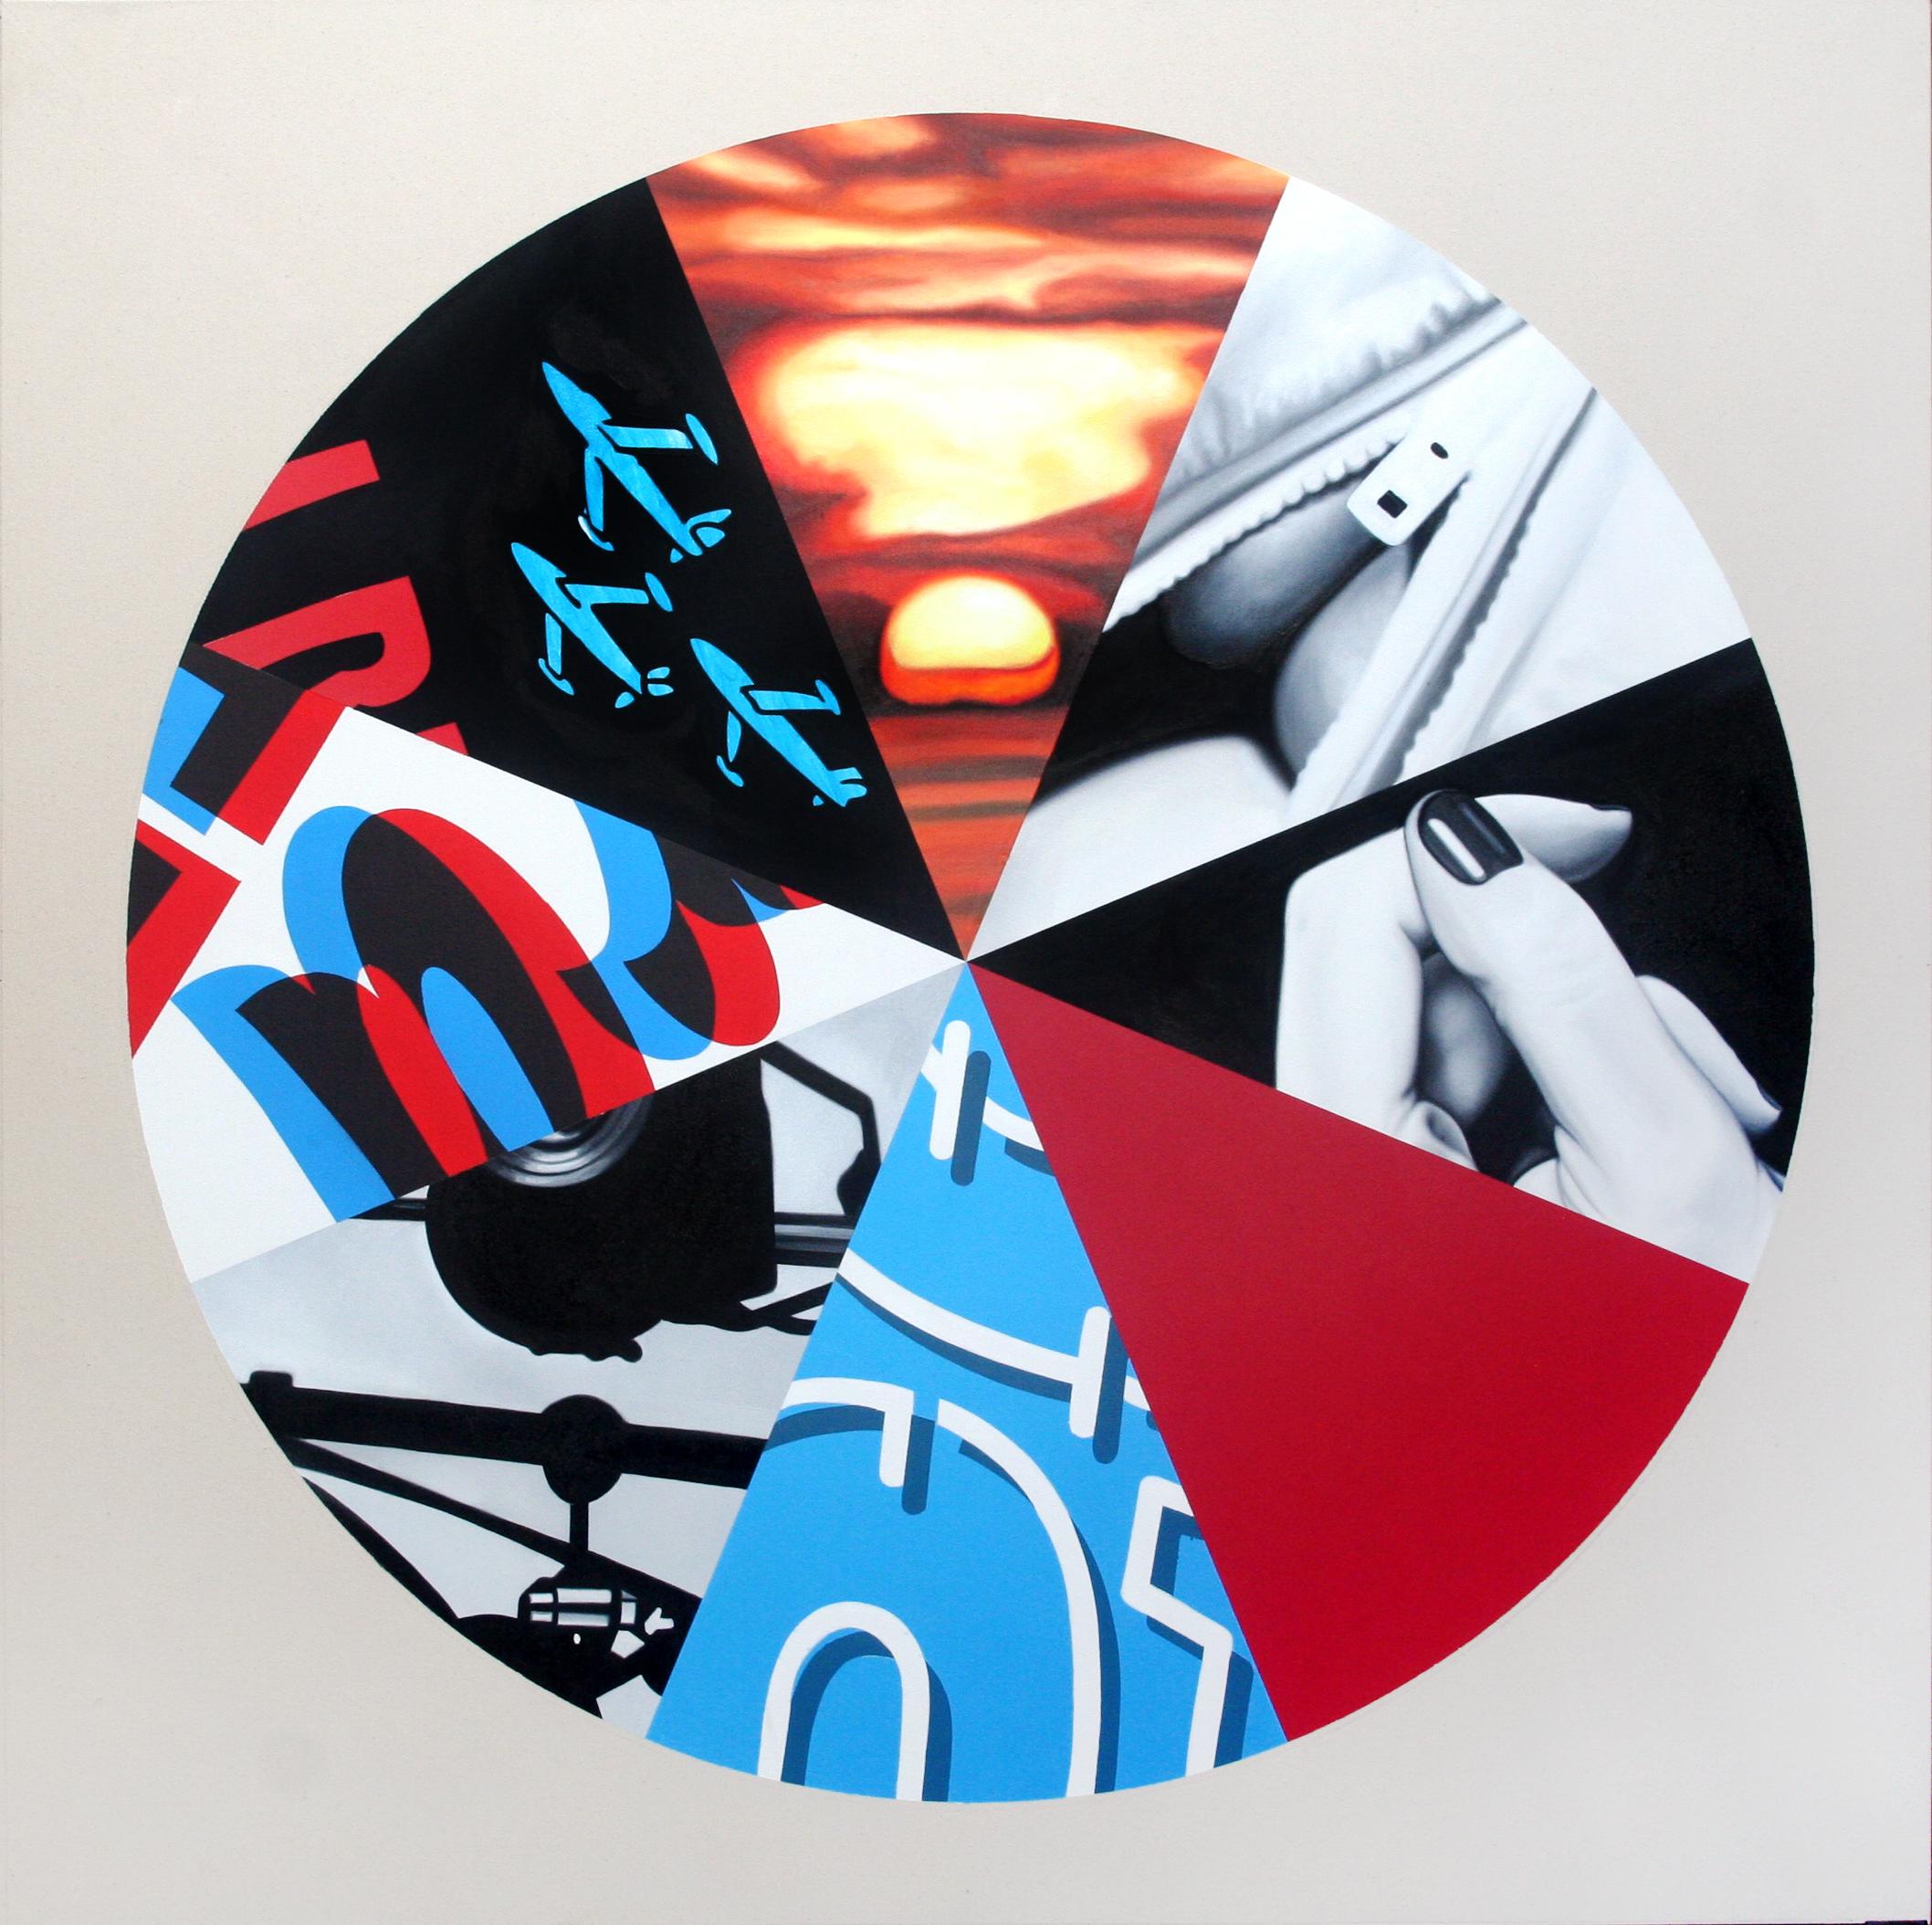 Sunset Circle  Oil & Acrylic on canvas  120 x 120 cm